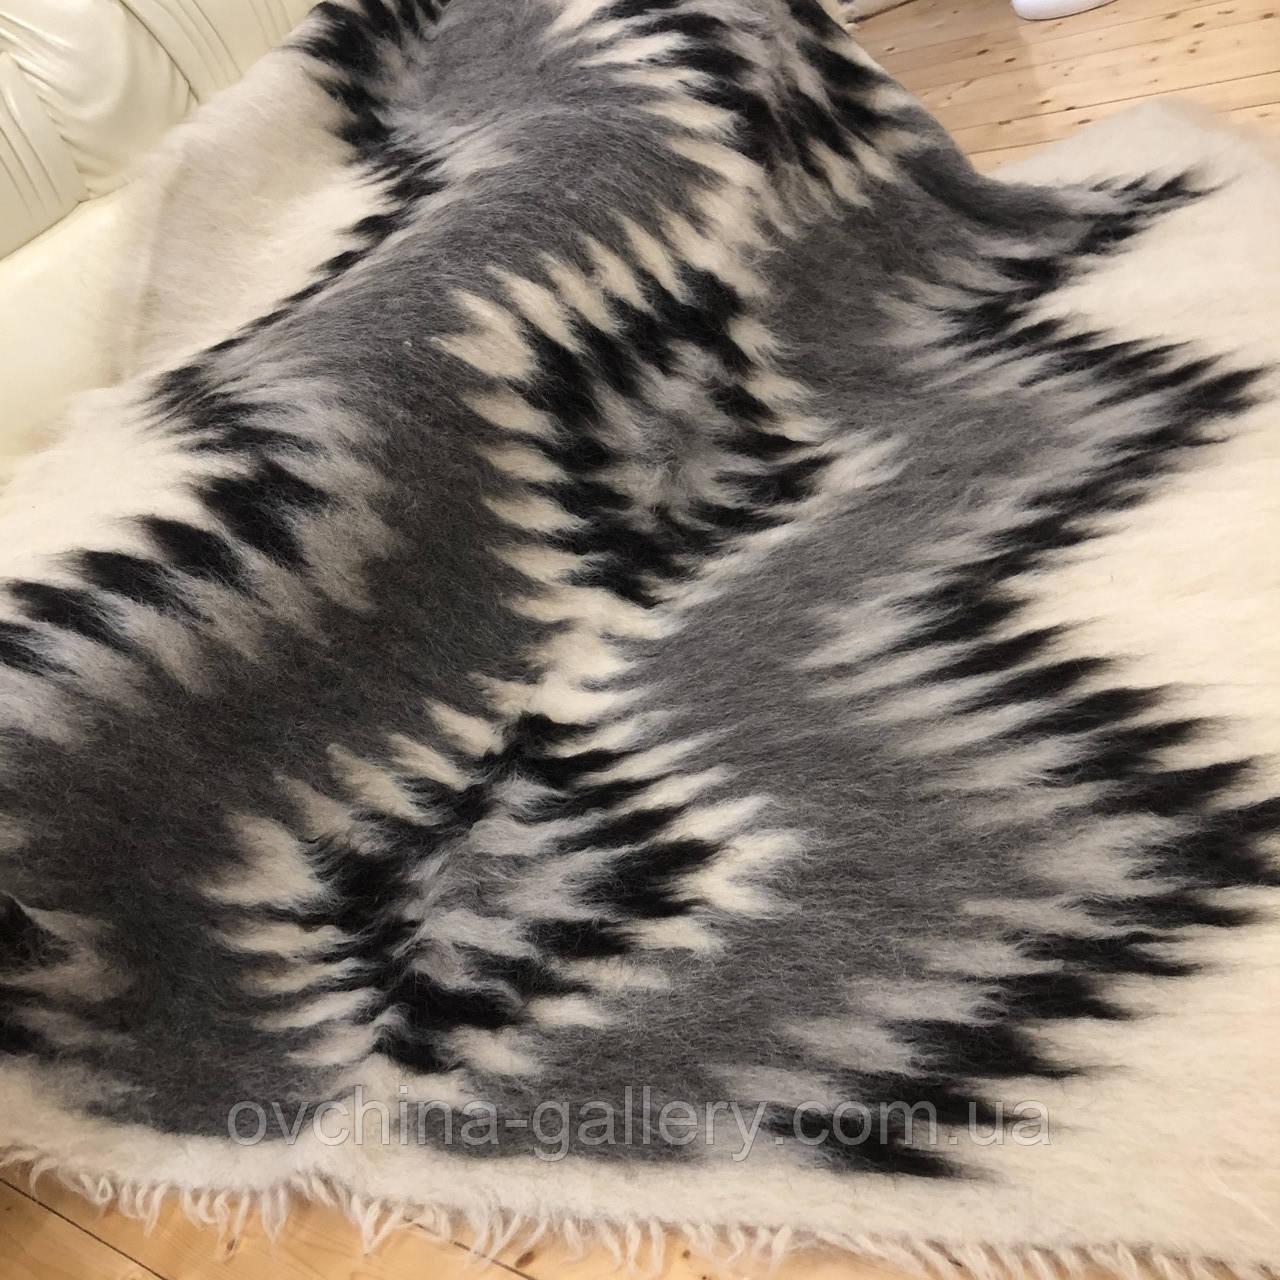 Лижник Карпатский плед из шерсти Натуральные цвета 200х220